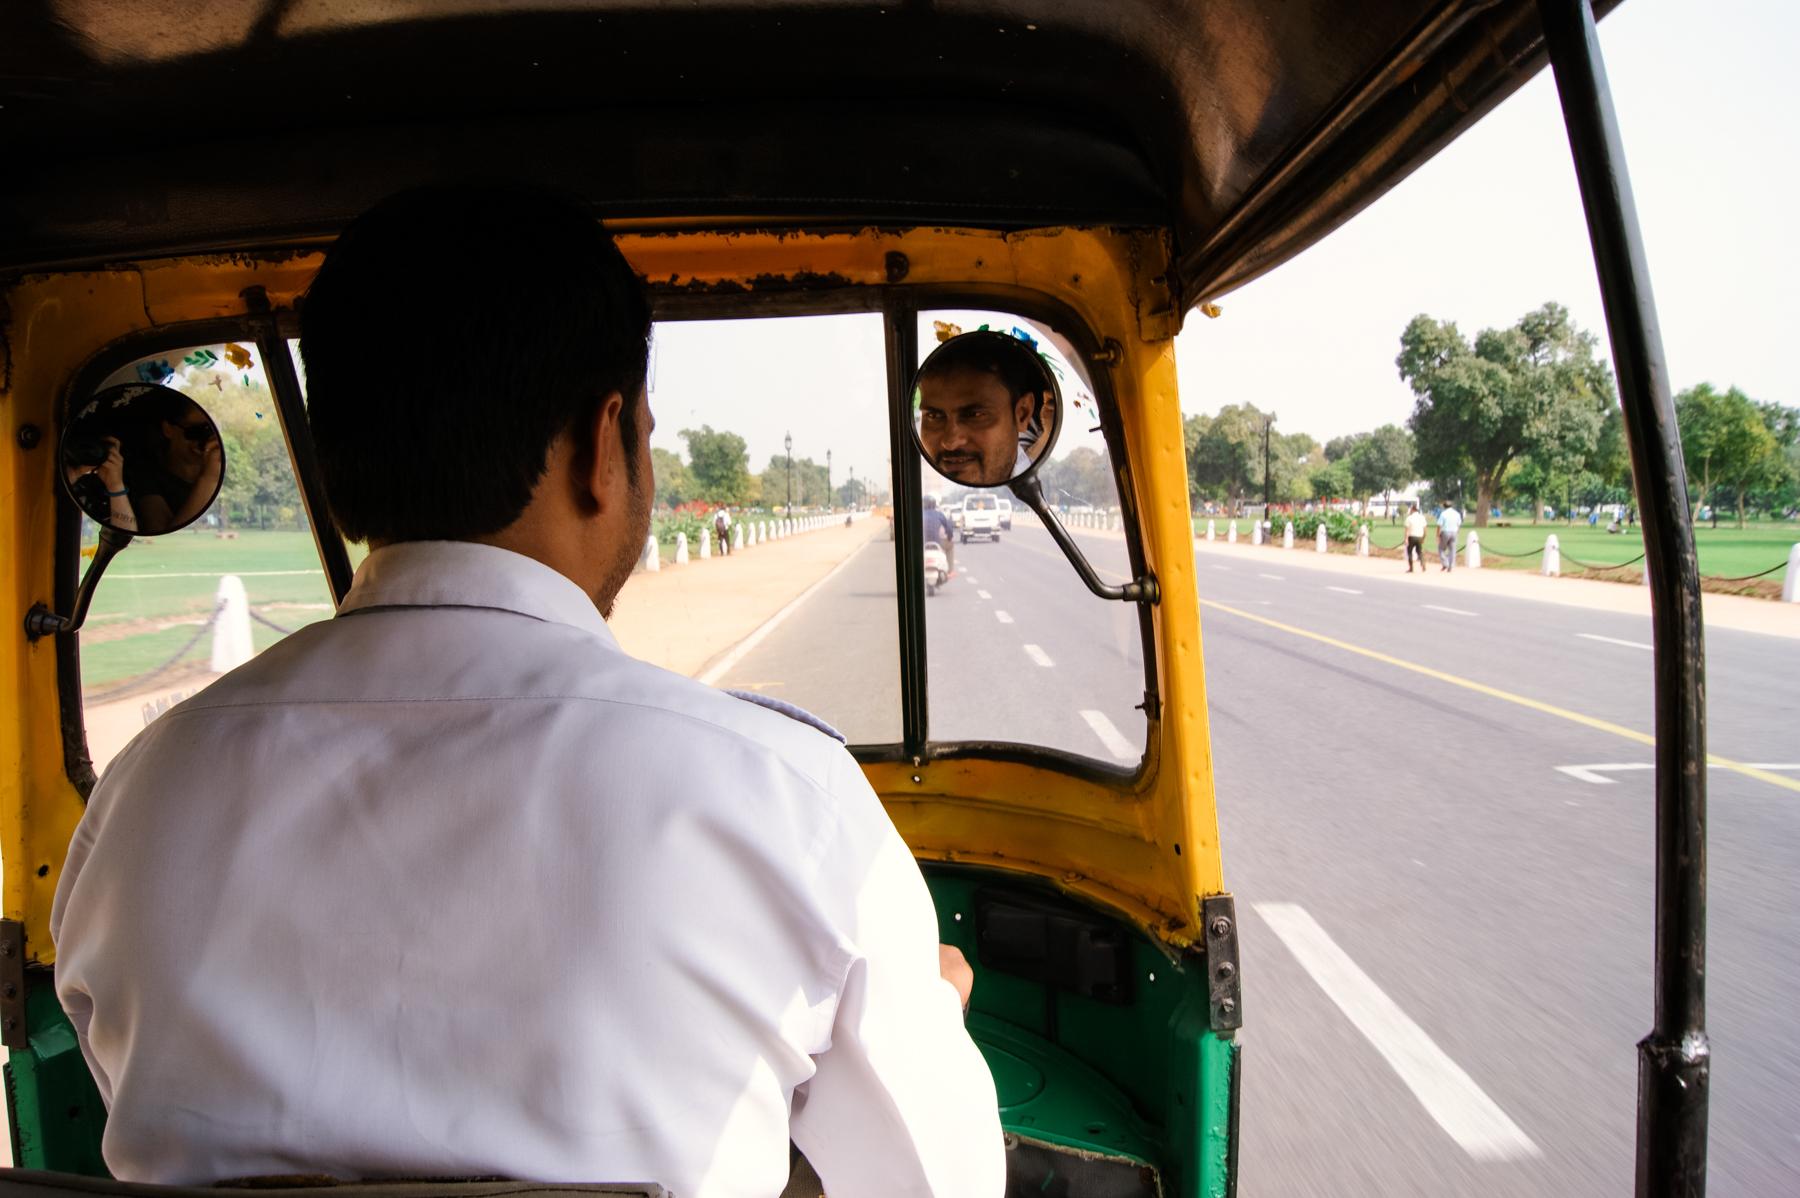 Viajar en tuk tuk también es muy rápido y cómodo